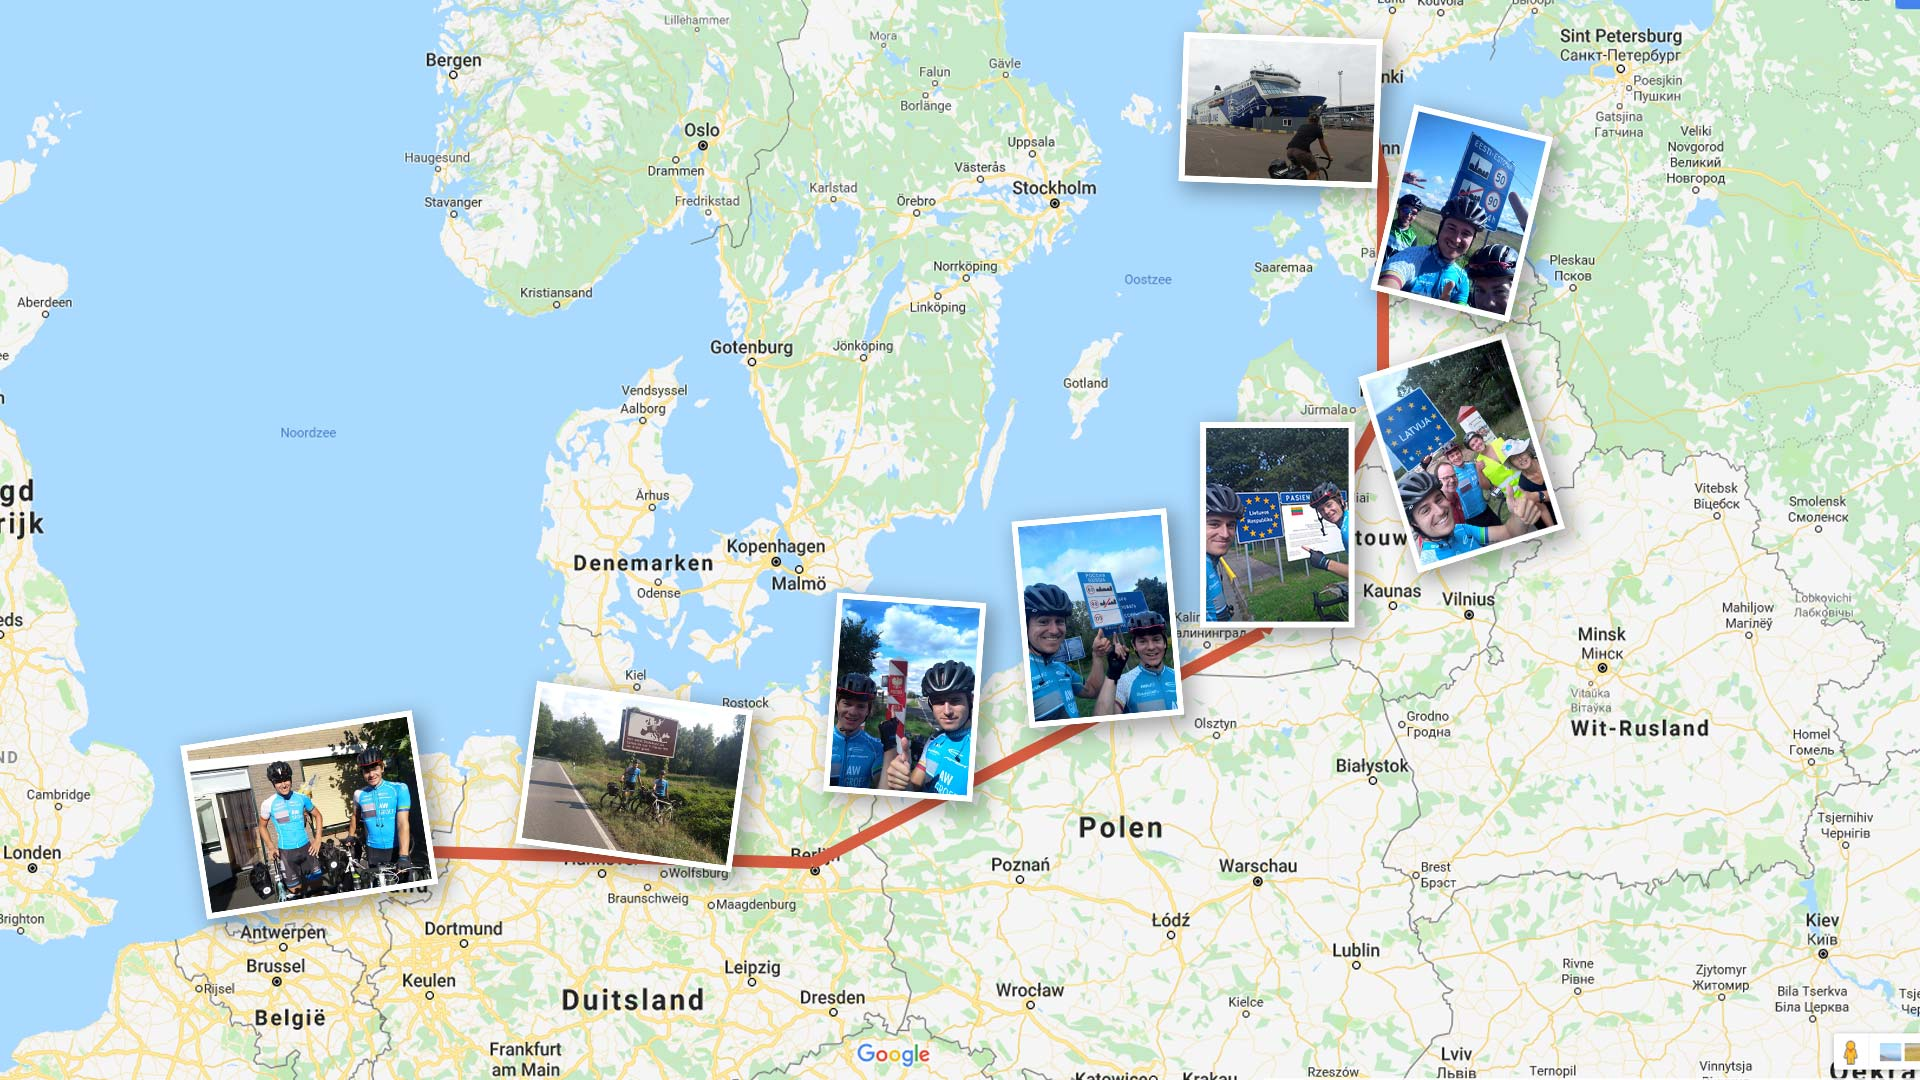 Bikepacking Oost-Europa: in 2282km van Nederland naar Helsinki